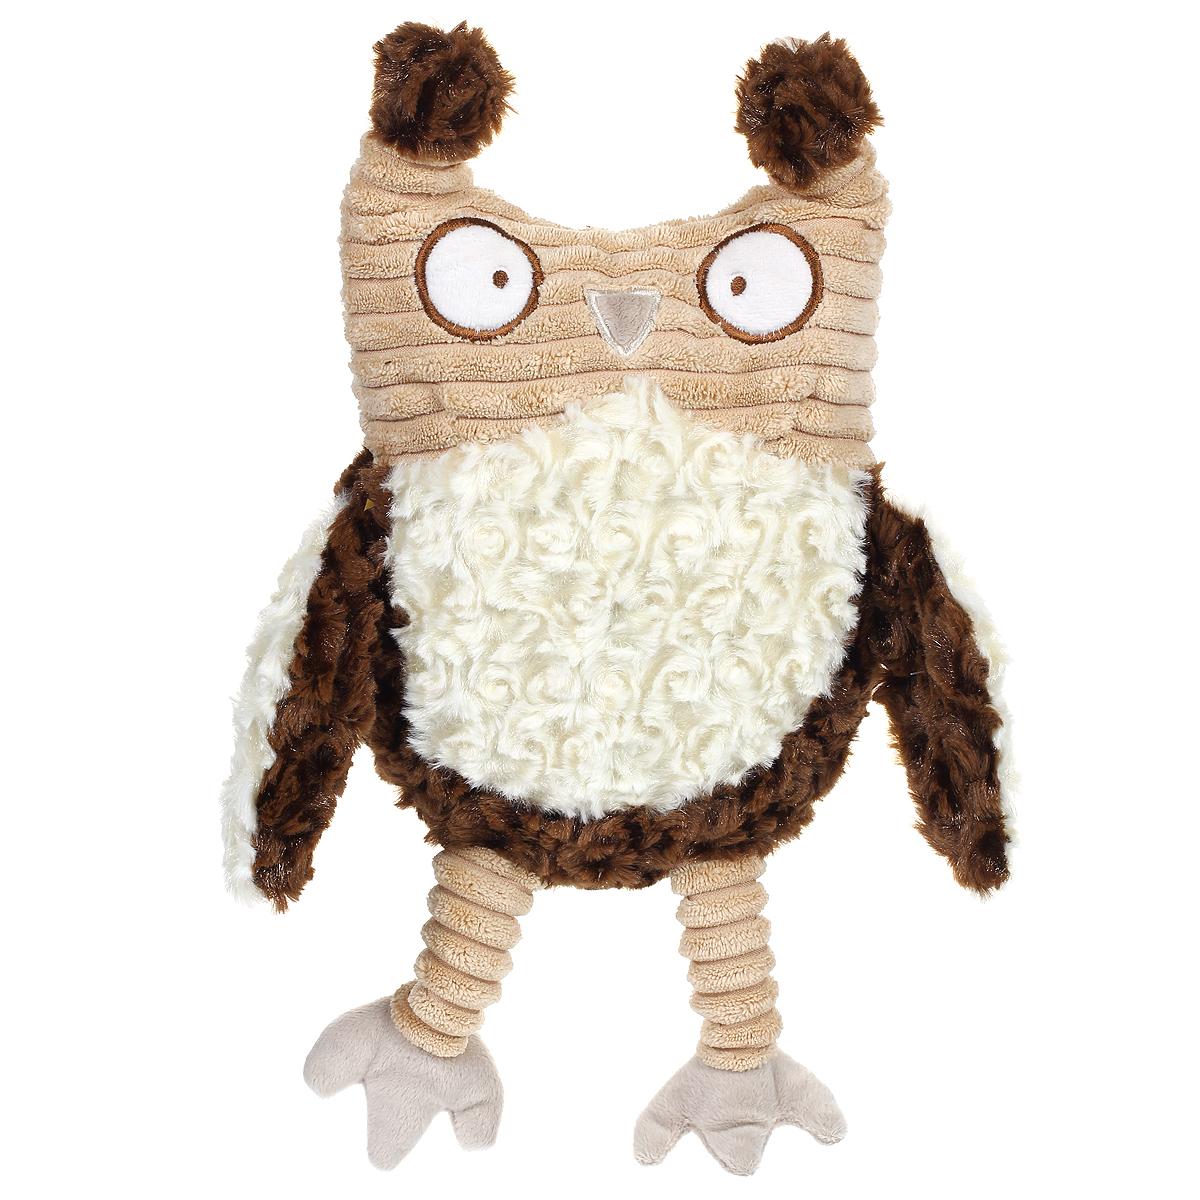 Мягкая игрушка Magic Bear Toys Коричневая сова, 37 смJC-13073-AОчаровательная мягкая игрушка Magic Bear Toys Коричневая сова вызовет умиление и улыбку у каждого, кто ее увидит. Она выполнена из мягкого плюша, искусственного меха и текстильного материала в виде забавной совы и является частью коллекции молодого дизайнера Джеки Чиноко. Удивительно мягкая игрушка принесет радость и подарит своему обладателю мгновения нежных объятий и приятных воспоминаний. Дизайнерская игрушка приятно удивит вас оригинальностью идеи и высоким качеством исполнения. Она станет отличным подарком для детей и взрослых.